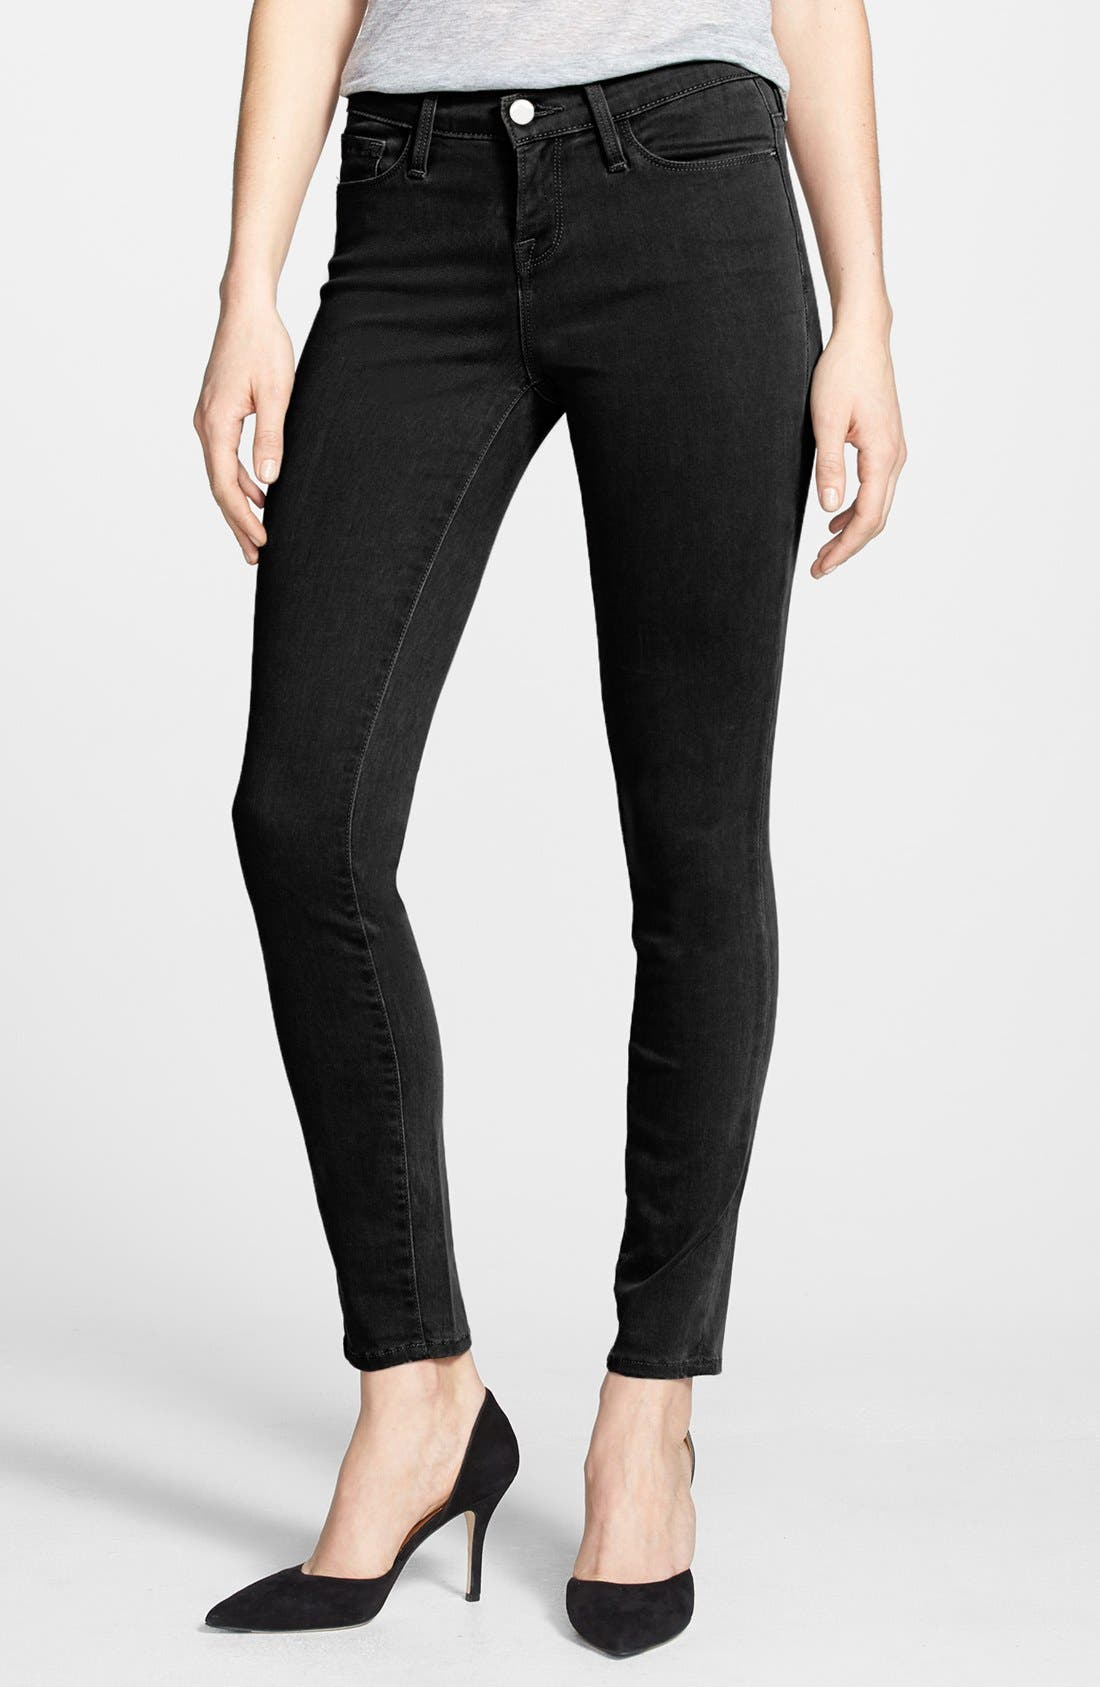 Alternate Image 3  - Frame Denim 'Le Luxe Noir' Skinny Jeans (Vian)